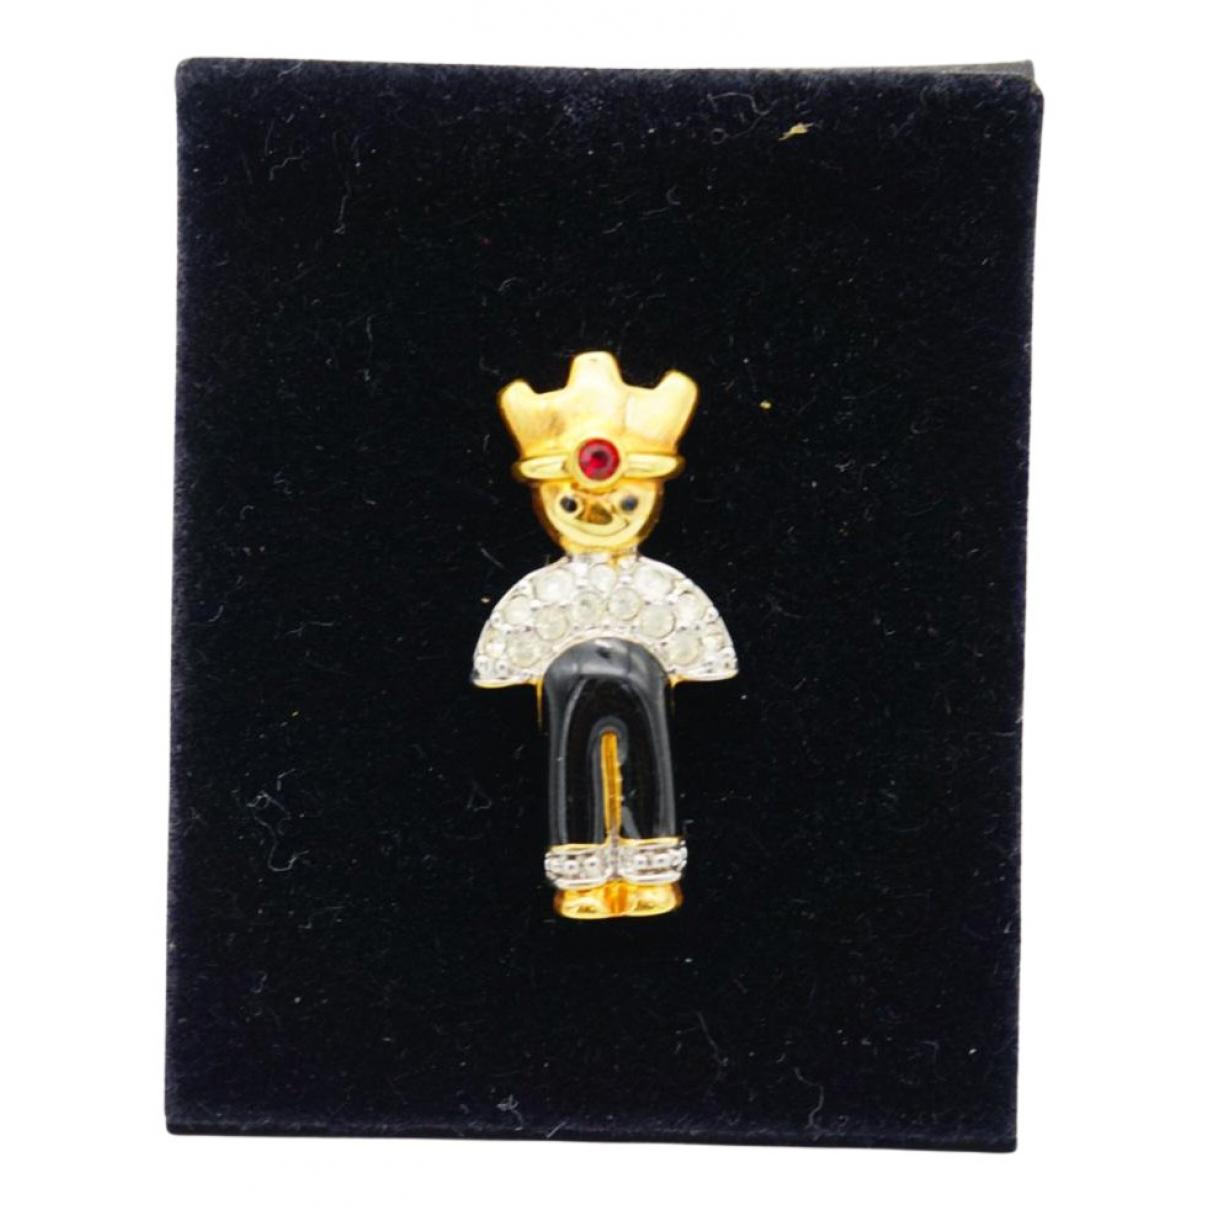 Swarovski Fit Brosche in  Gold Metall